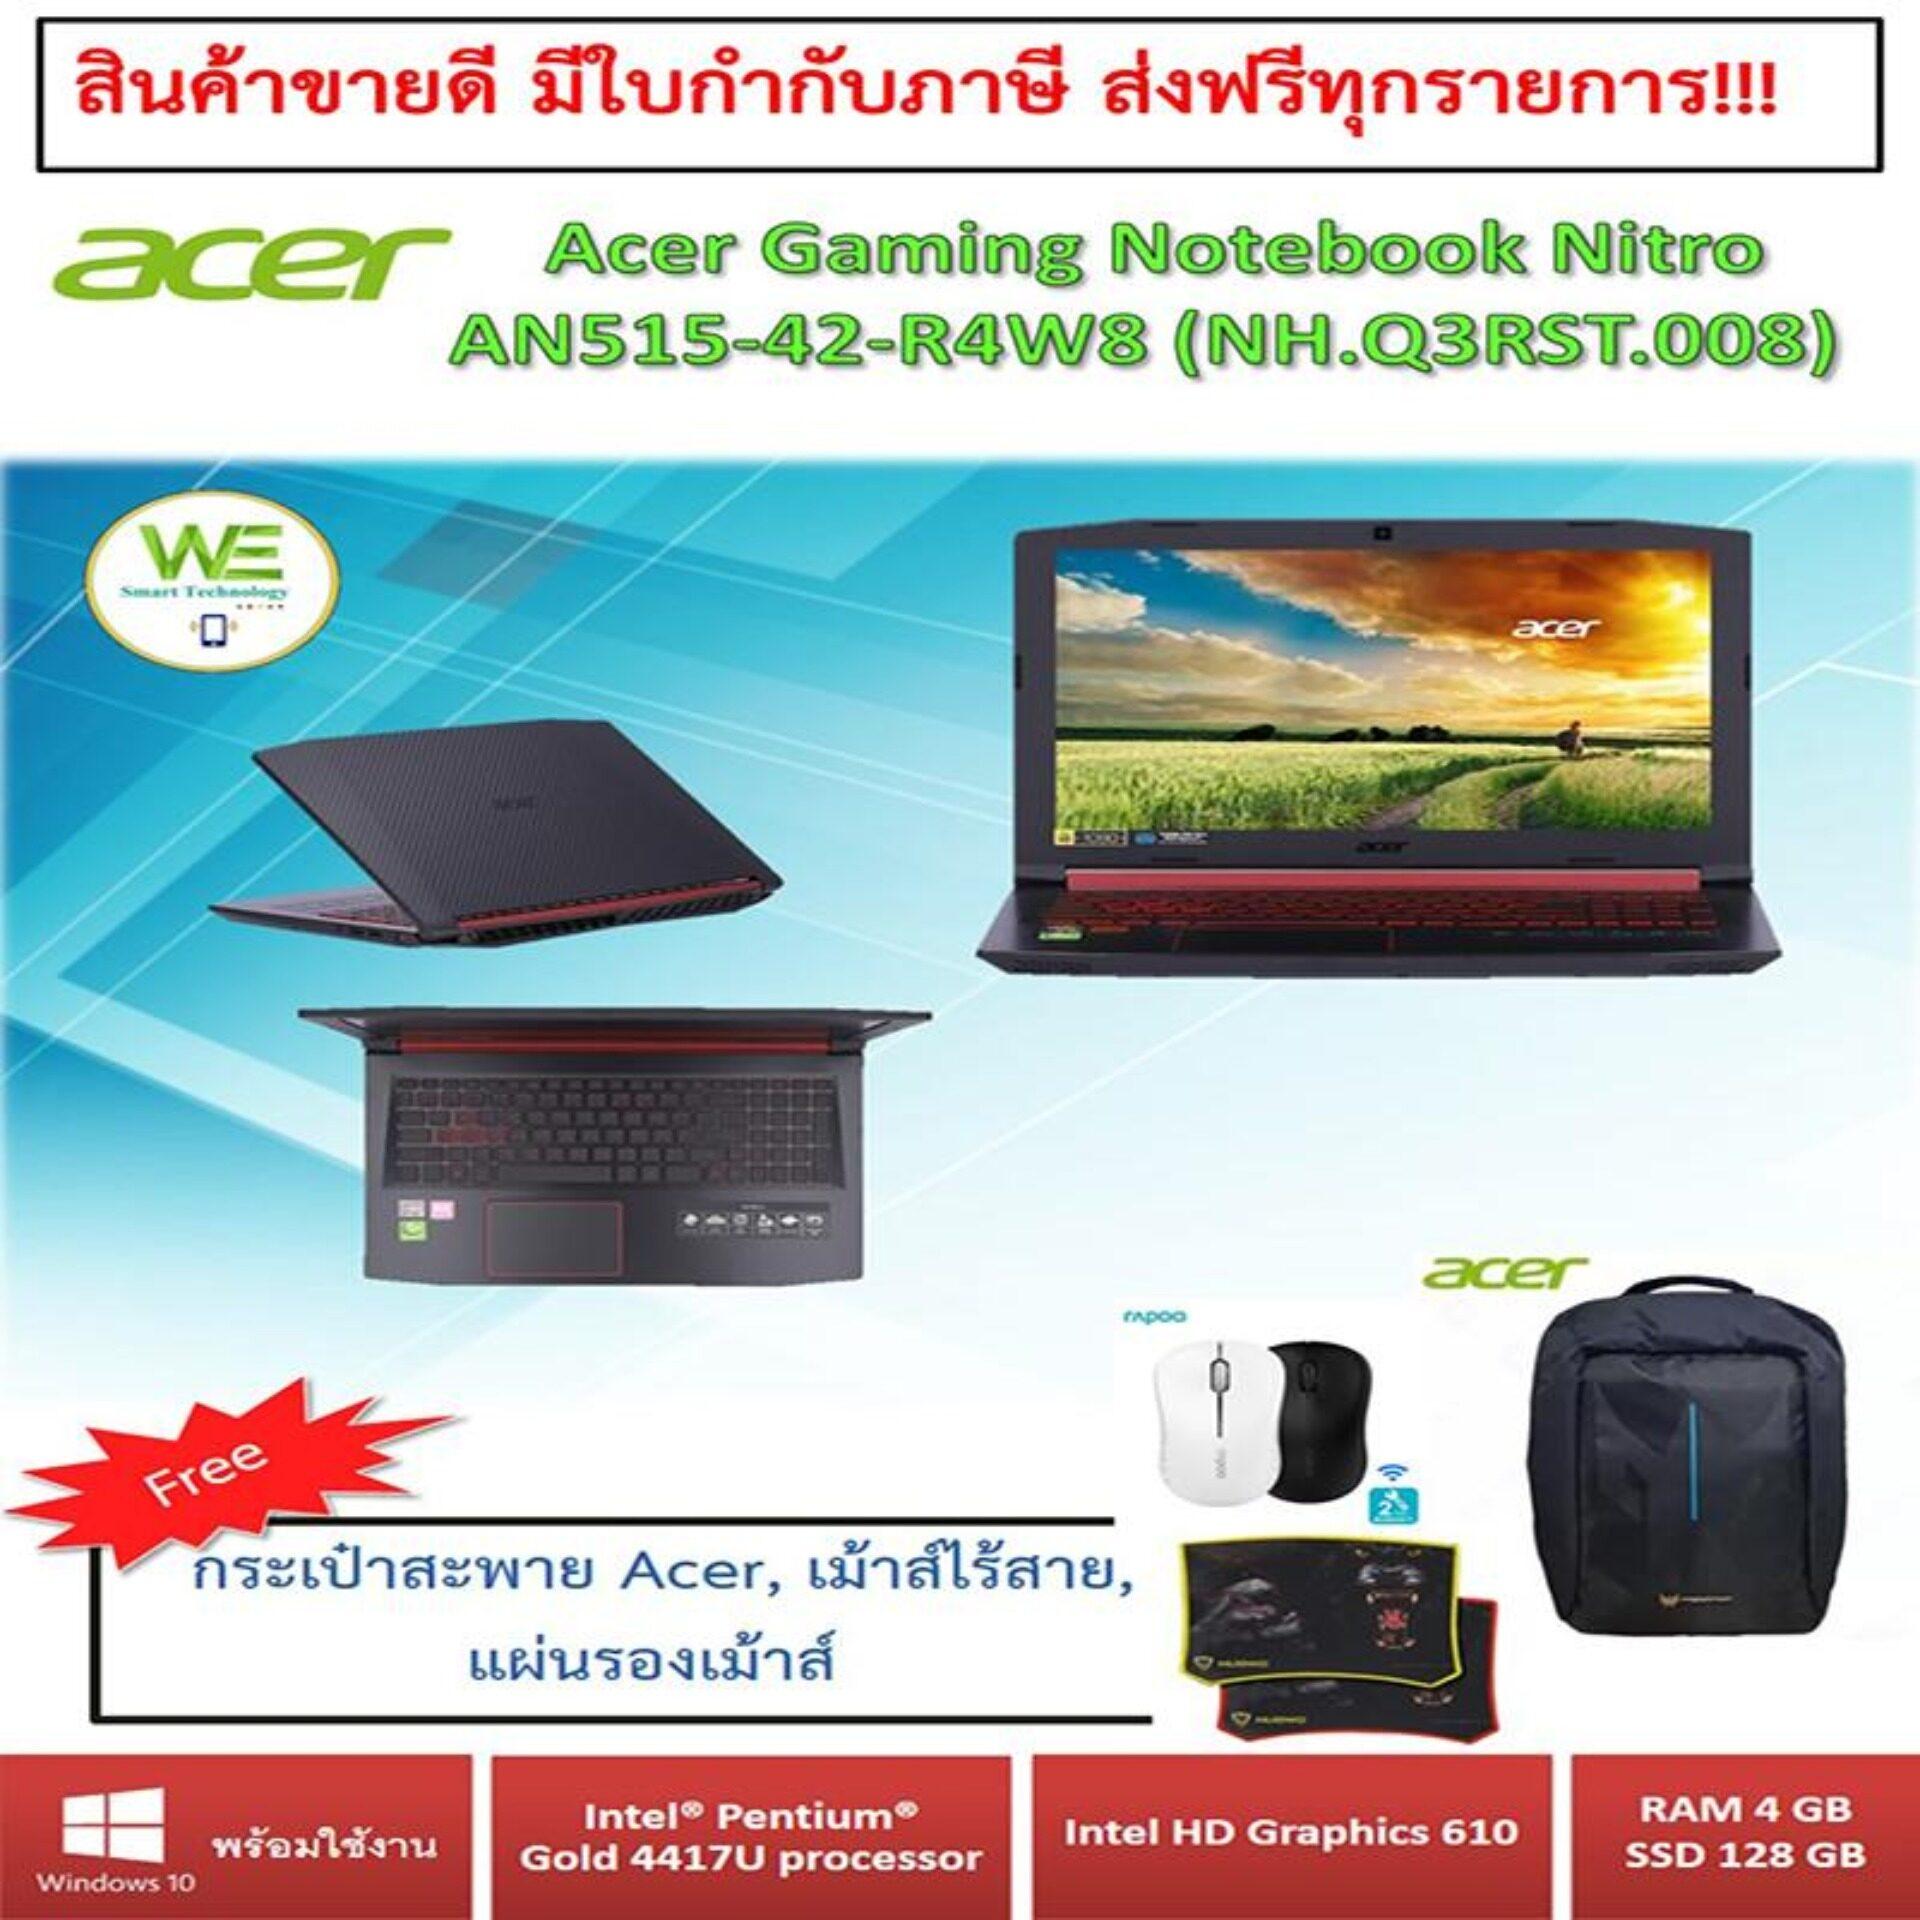 Acer Notebook Nitro An515-42-R4w8 (nh.q3rst.008) Amd Ryzen 5-2500u/8gb/1tb+128gb Ssd/radeon Rx 560x 4gb/15.6 Fhd/win10home/black/กล่องบุบ.